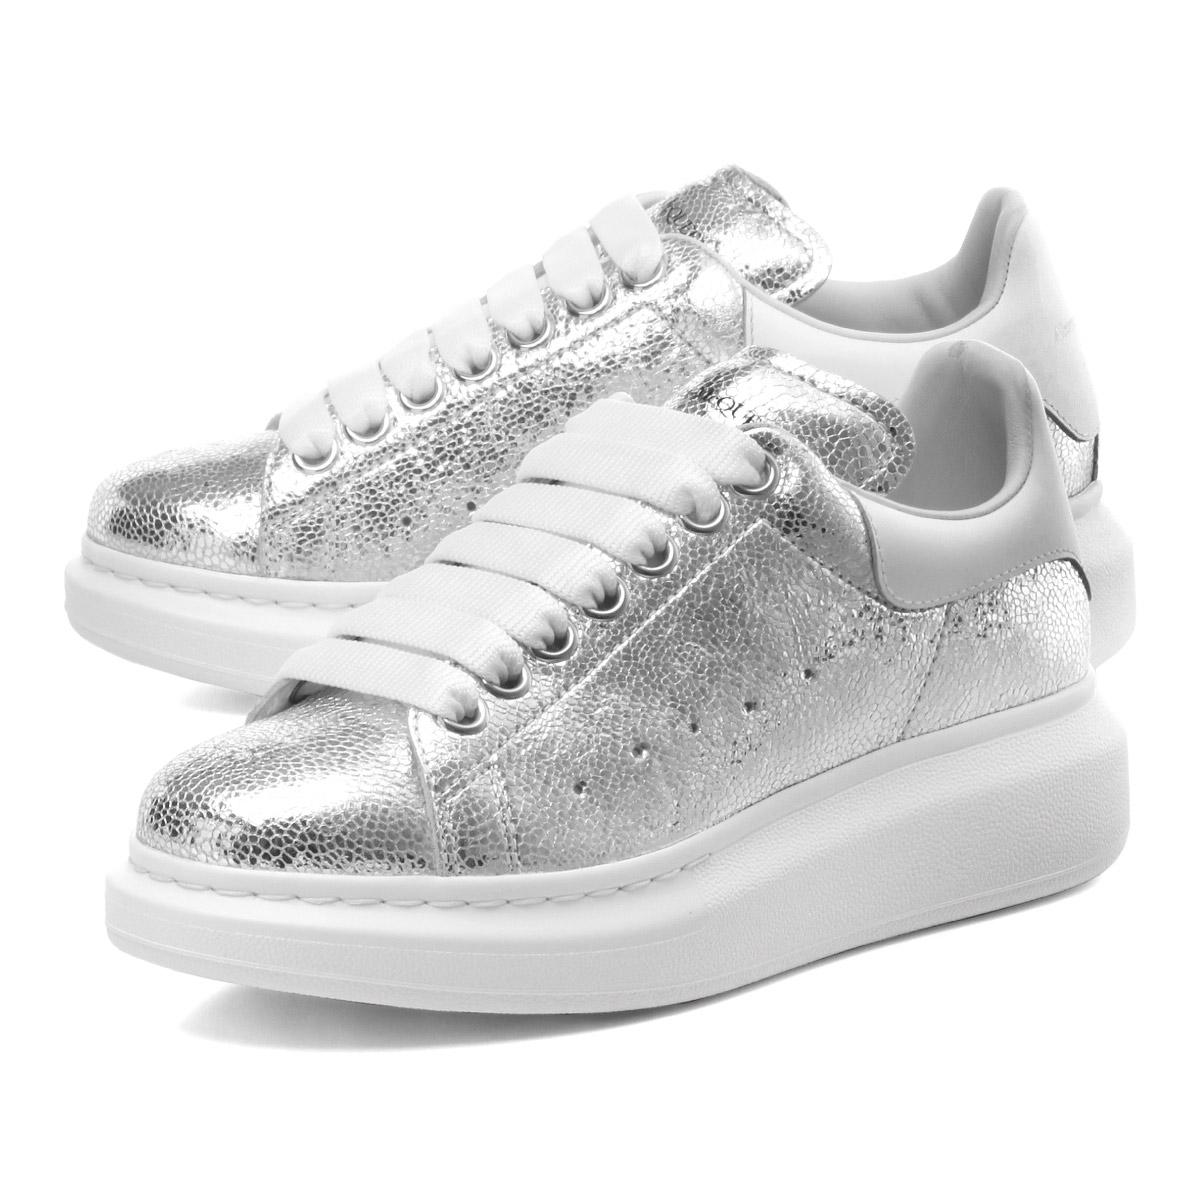 alexander mcqueen sneakers silver off